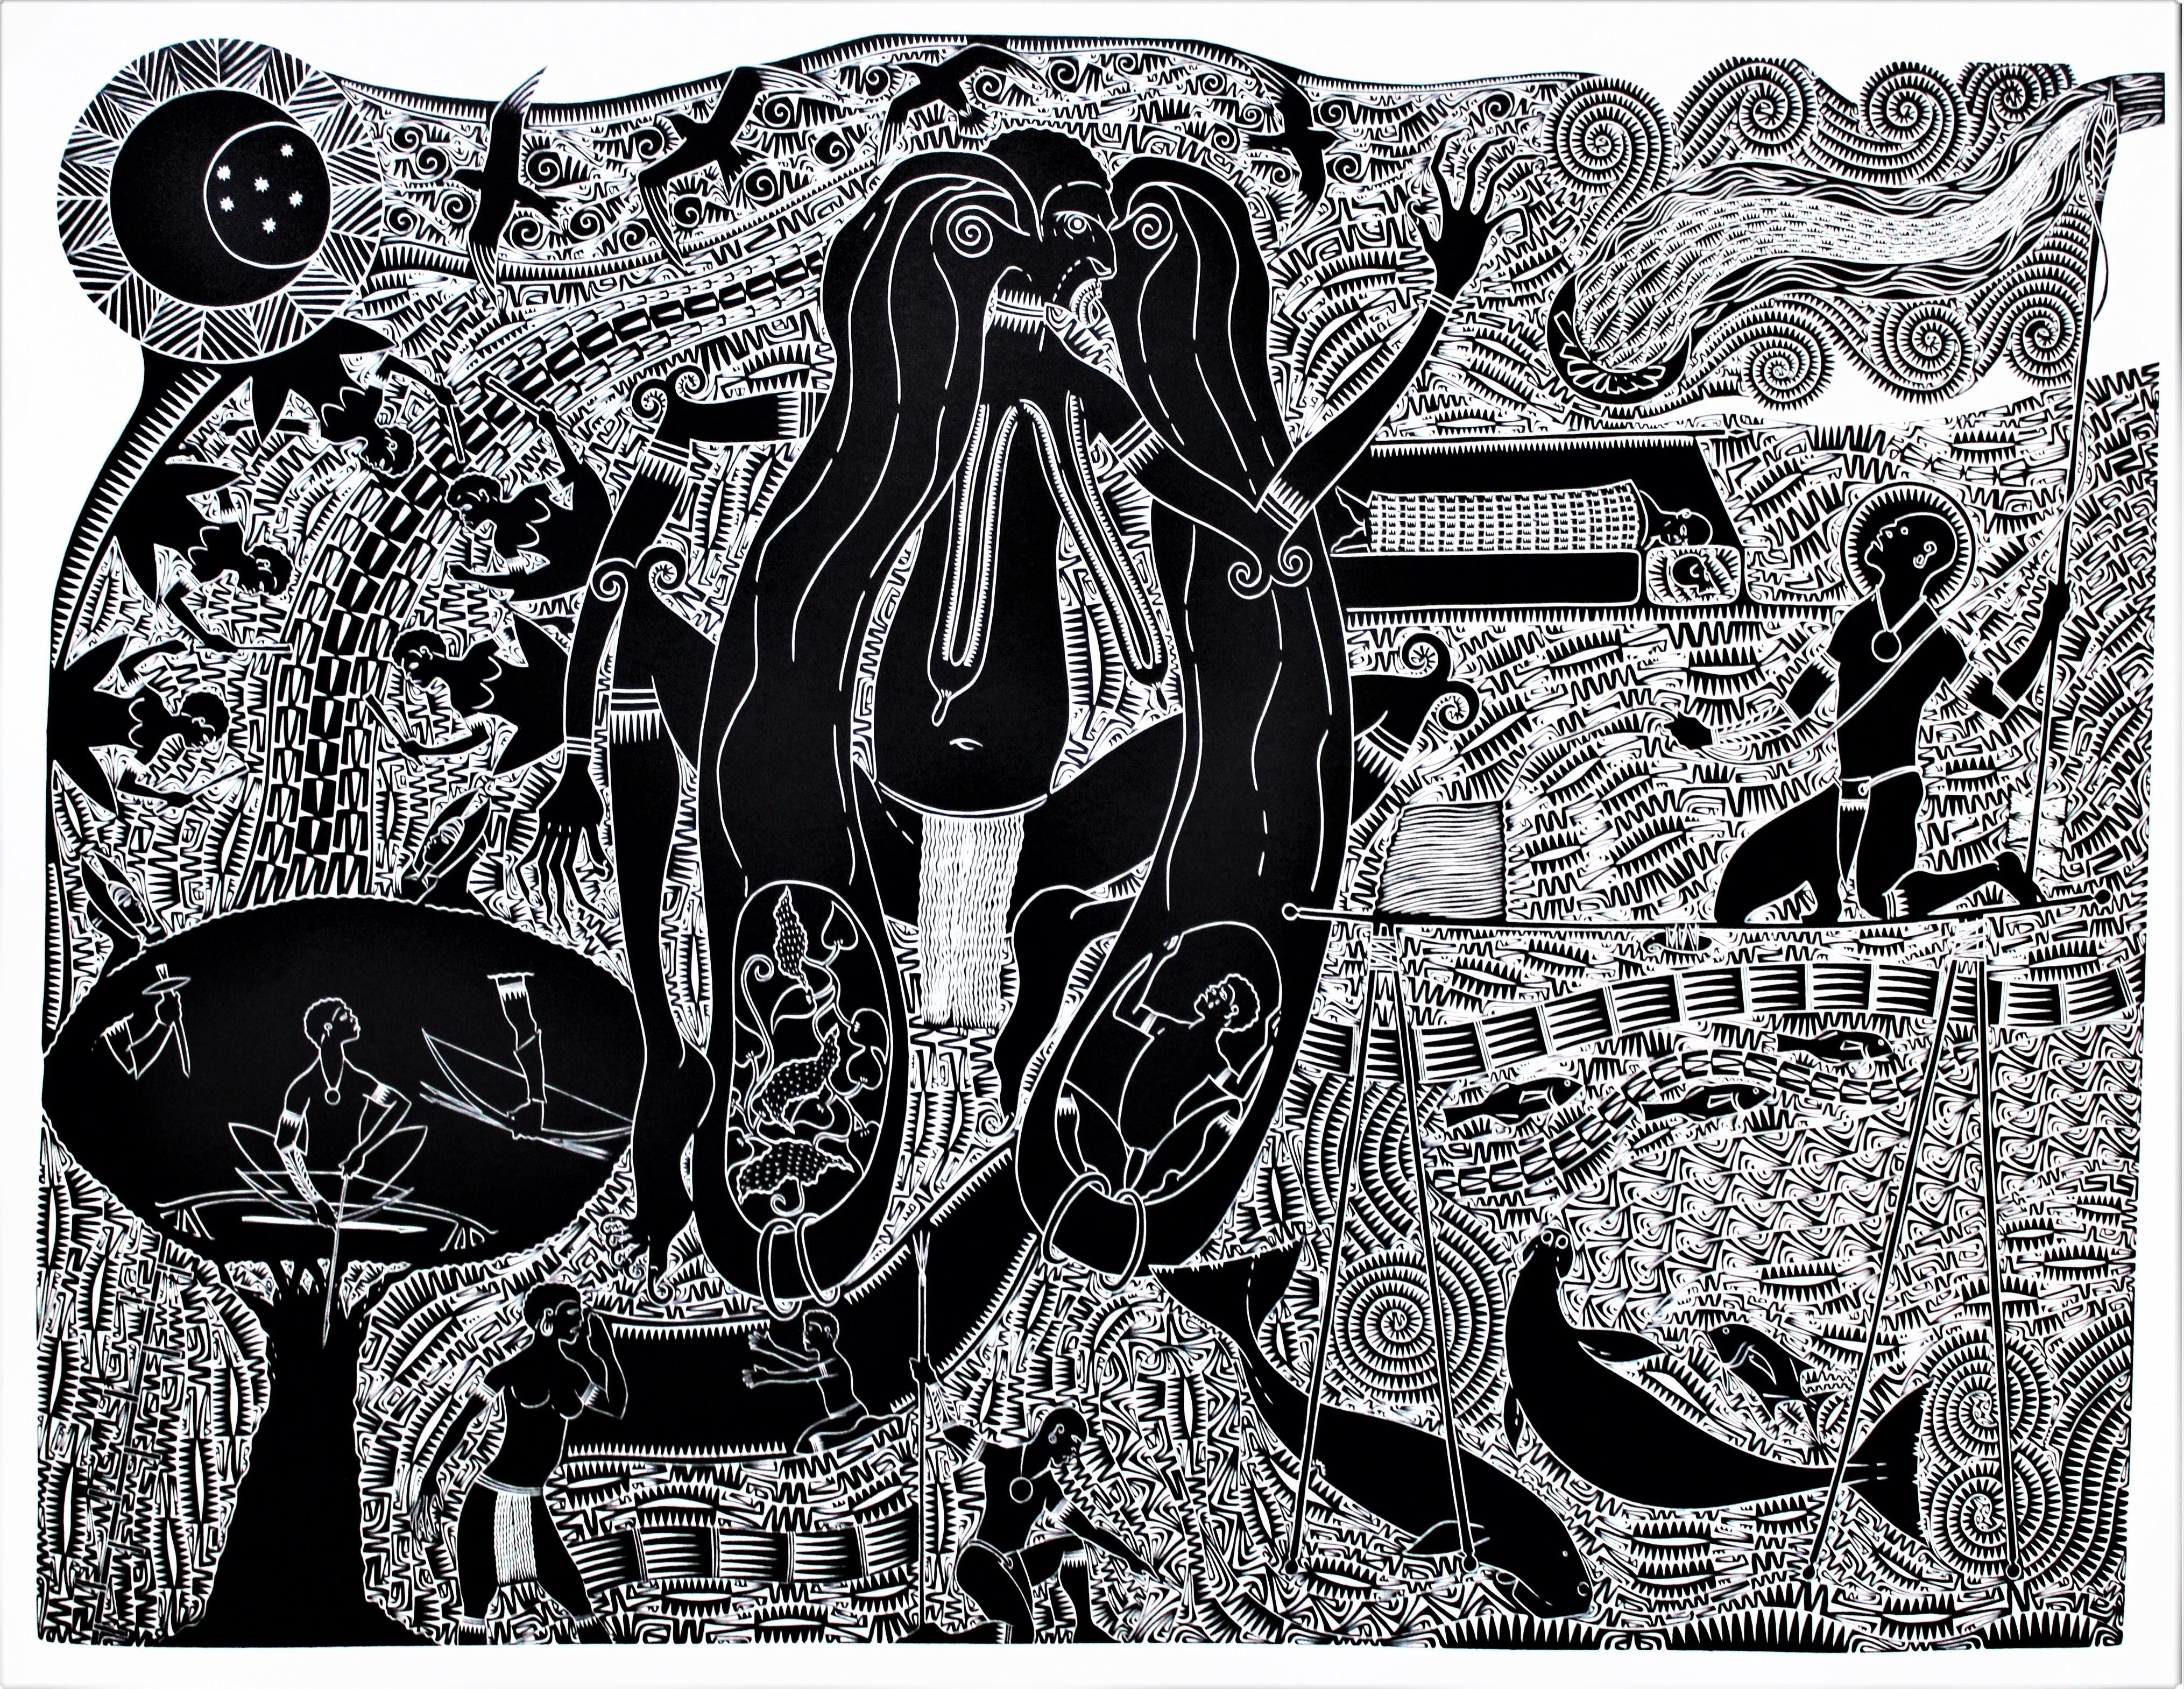 Kawai (the Black Dogai)